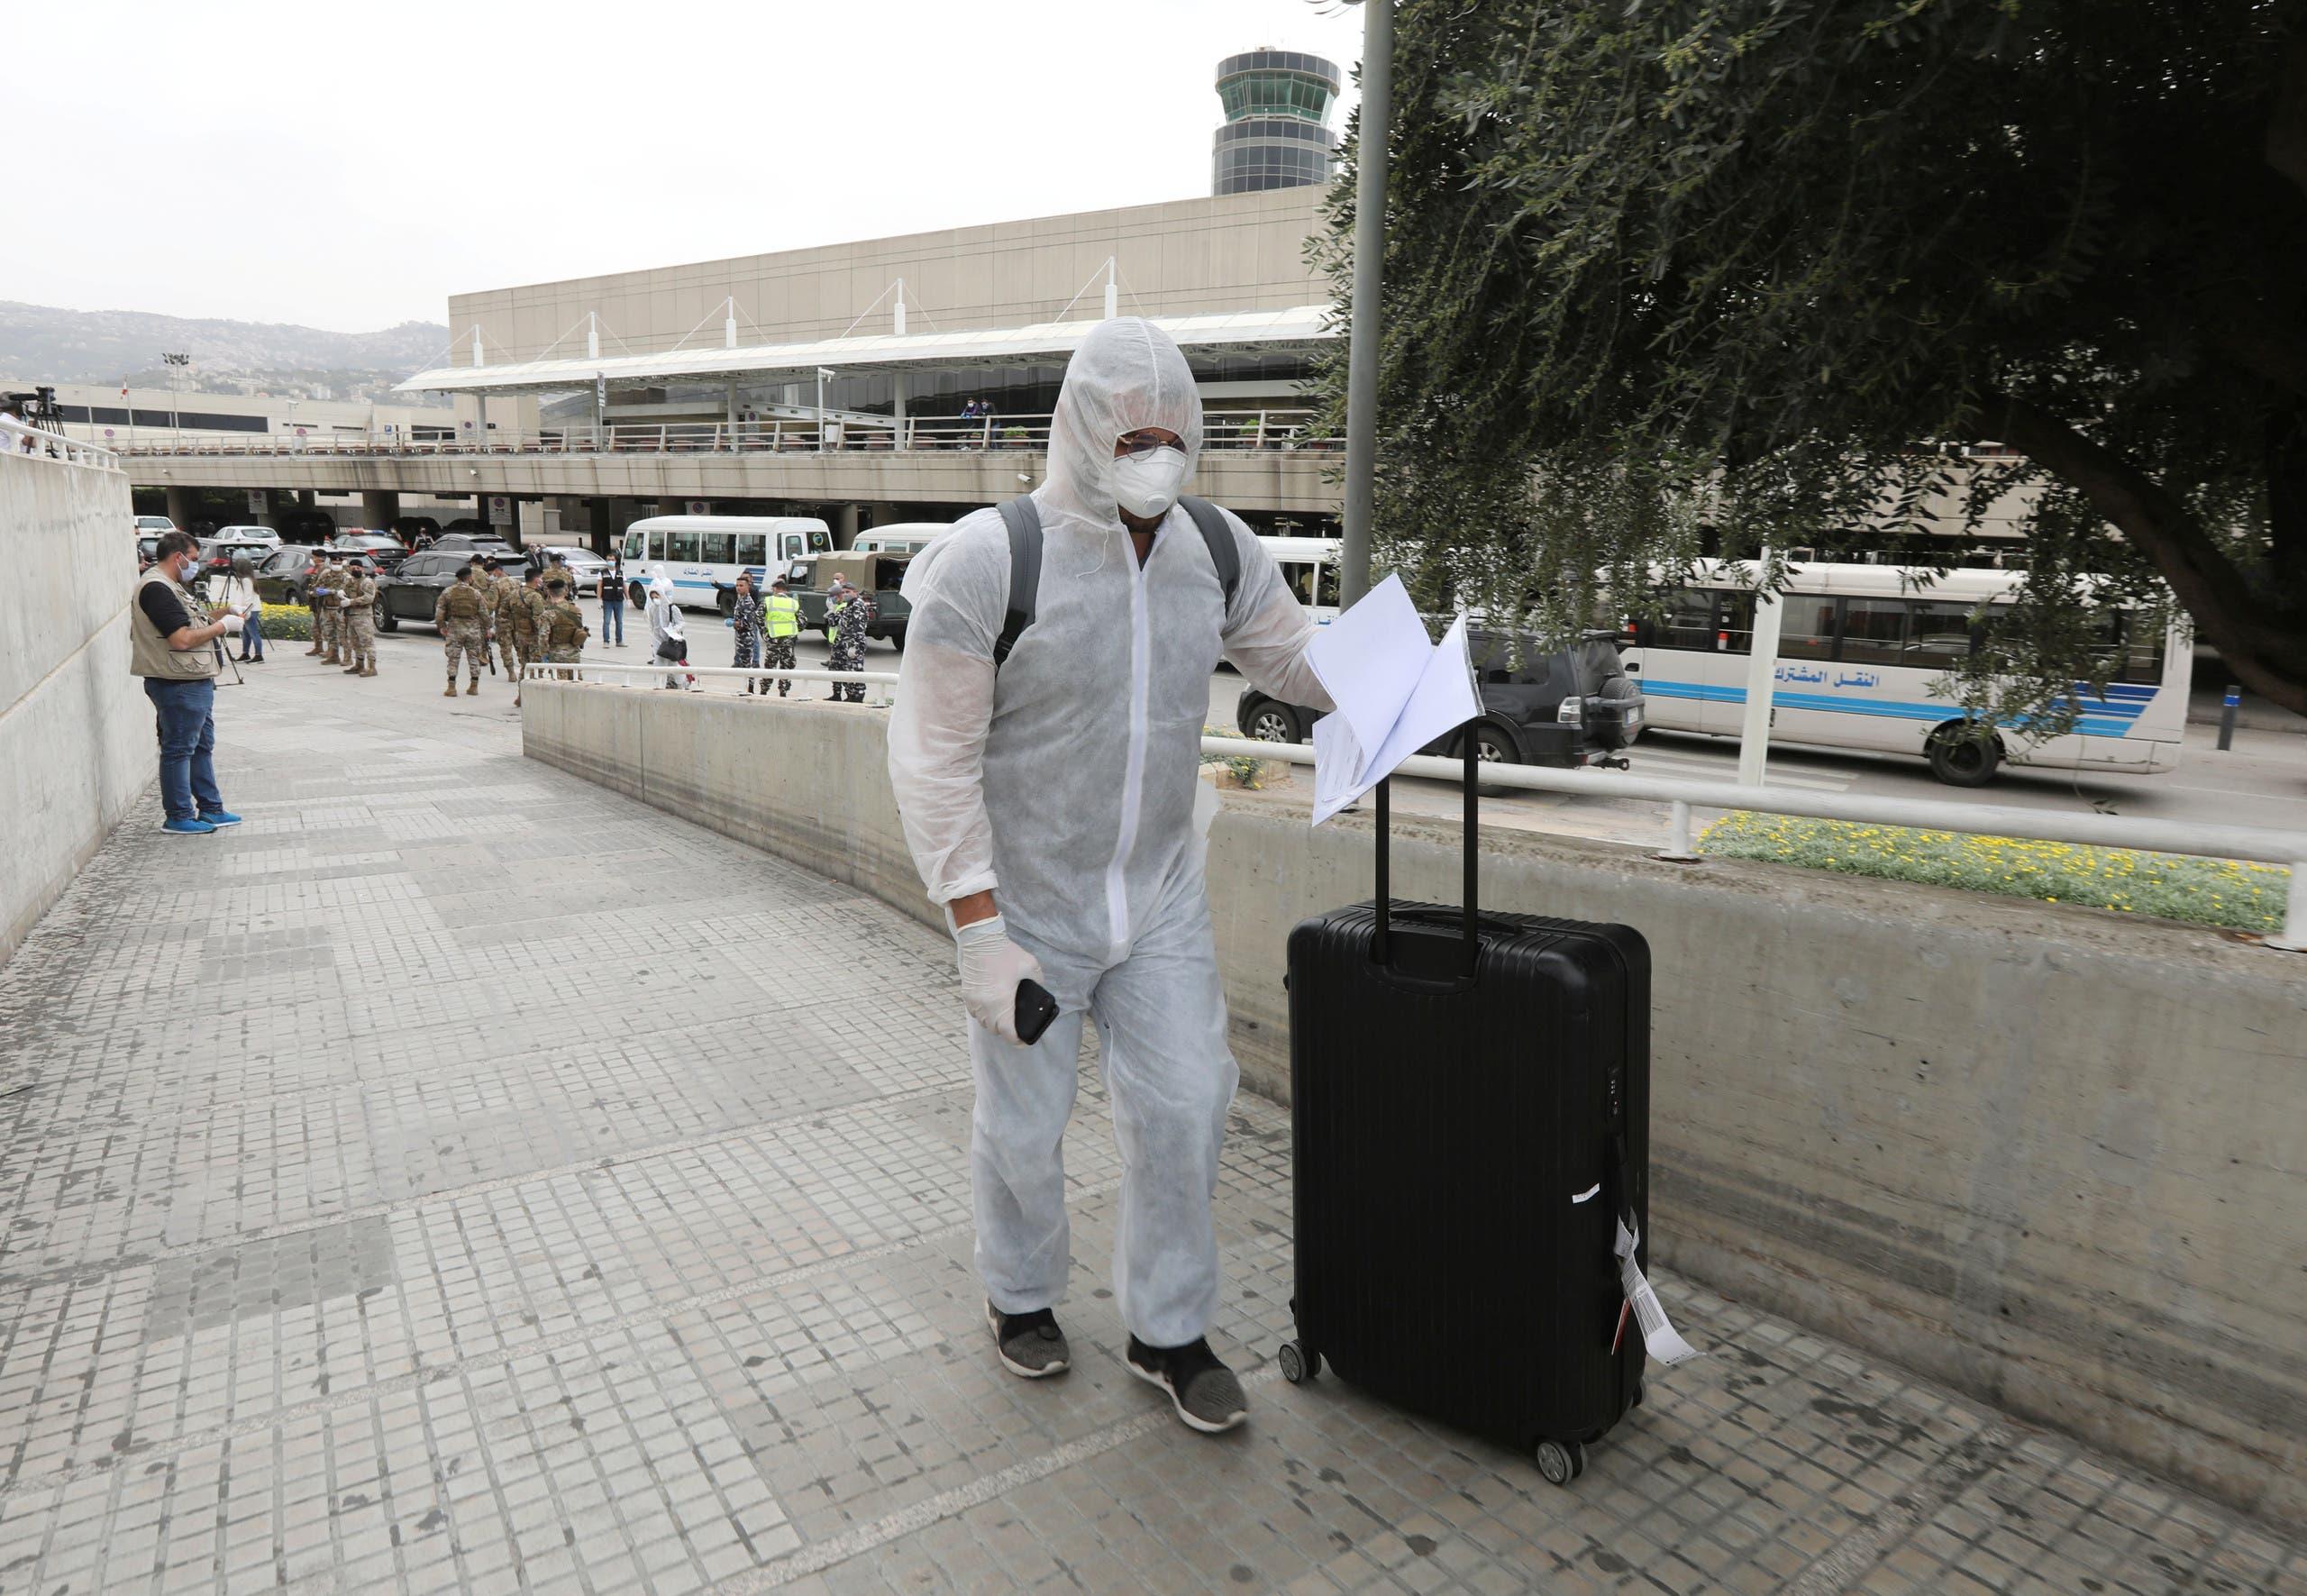 أحد المسافرين الذين عادوا اليوم